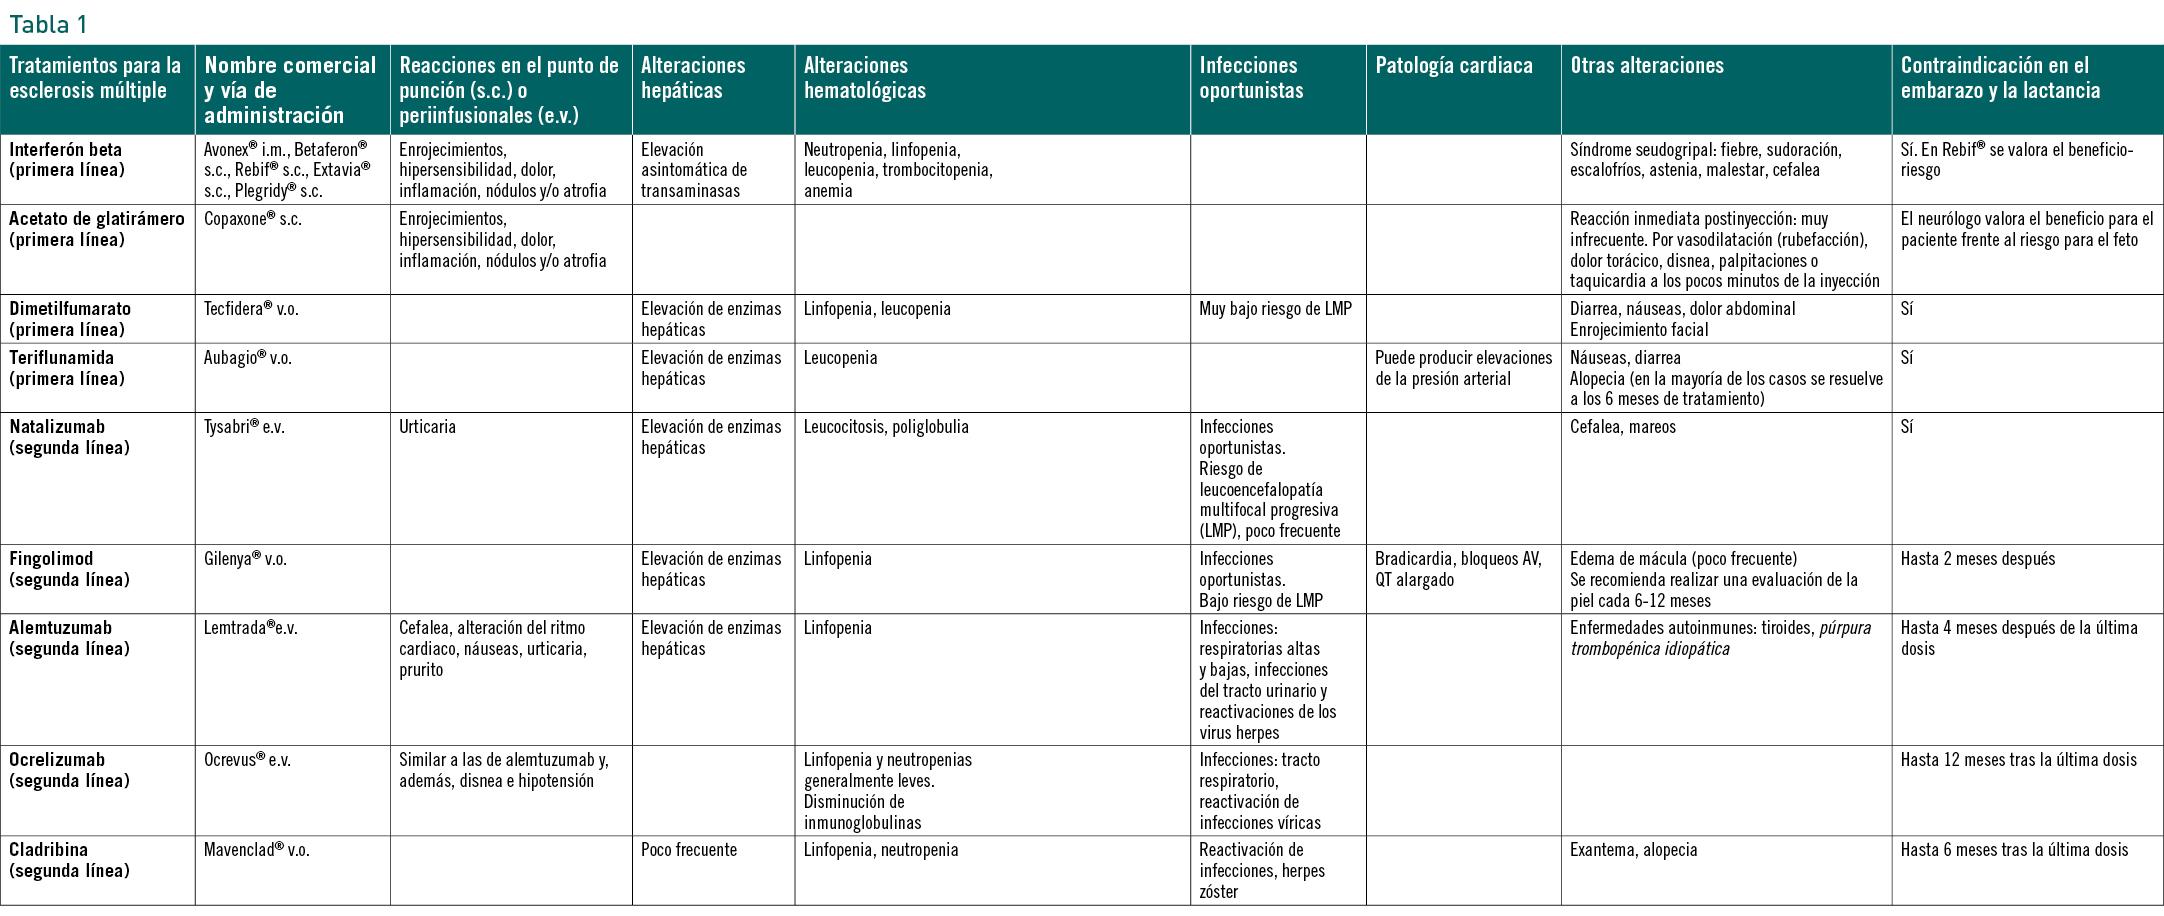 micción autoinmune frecuente